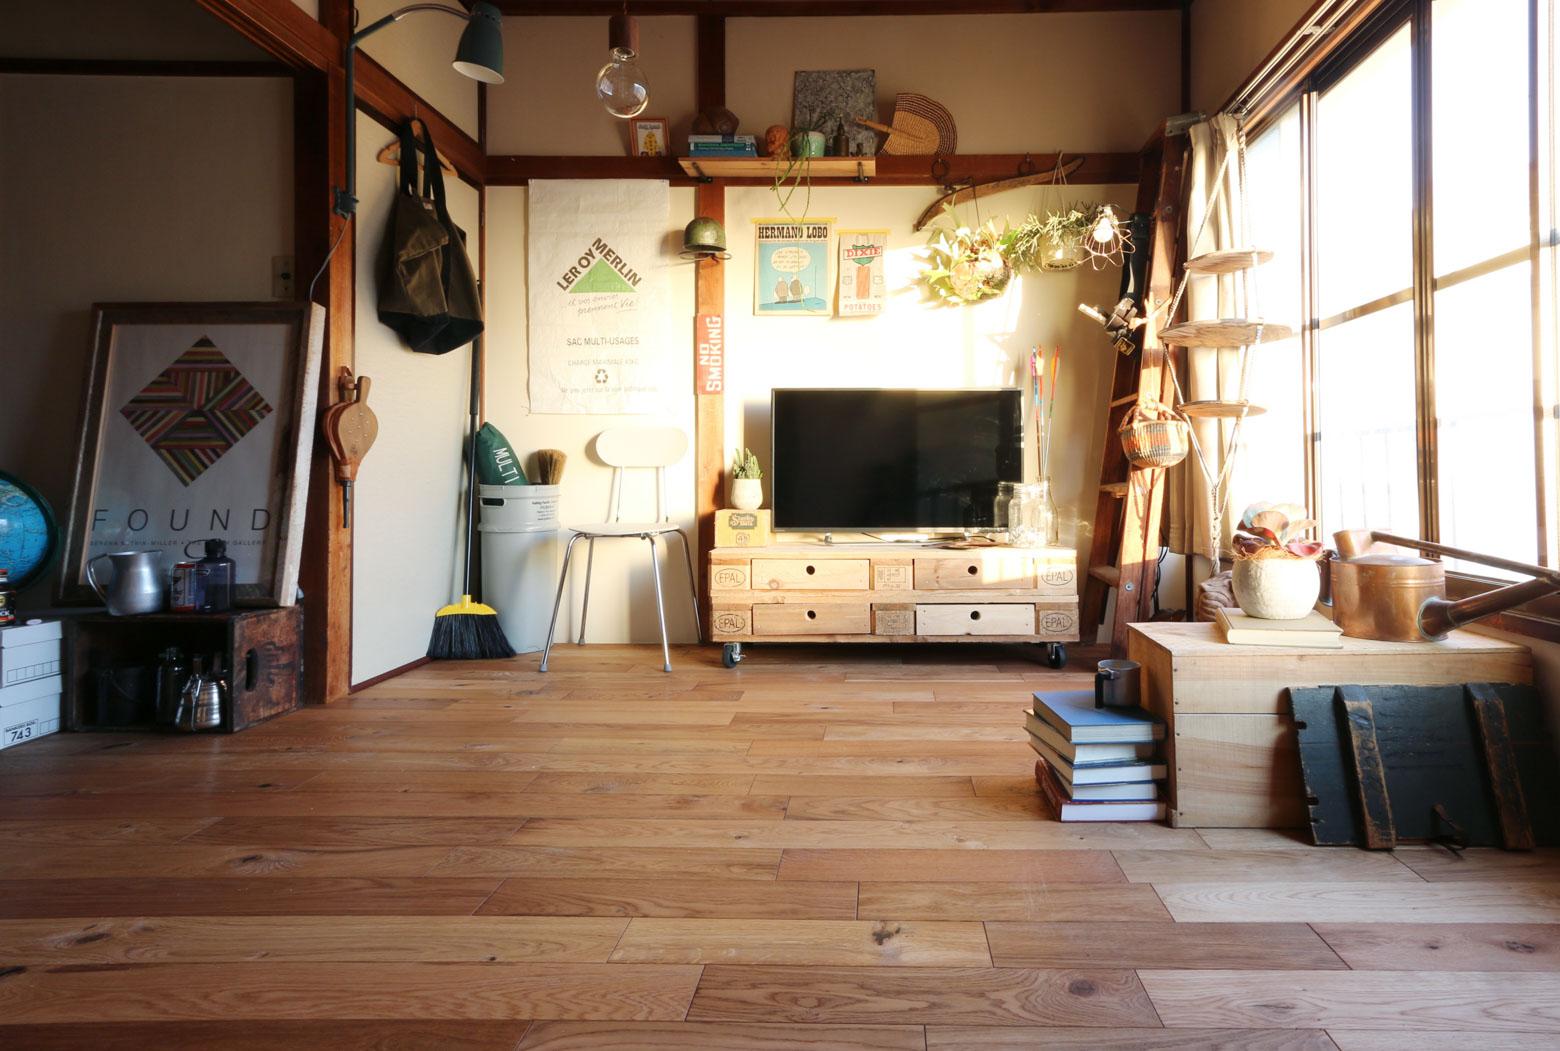 もともと畳のお部屋に施工した例がこちら。見るからに気持ちよさそうな床が完成していました。(写真提供:toolbox)